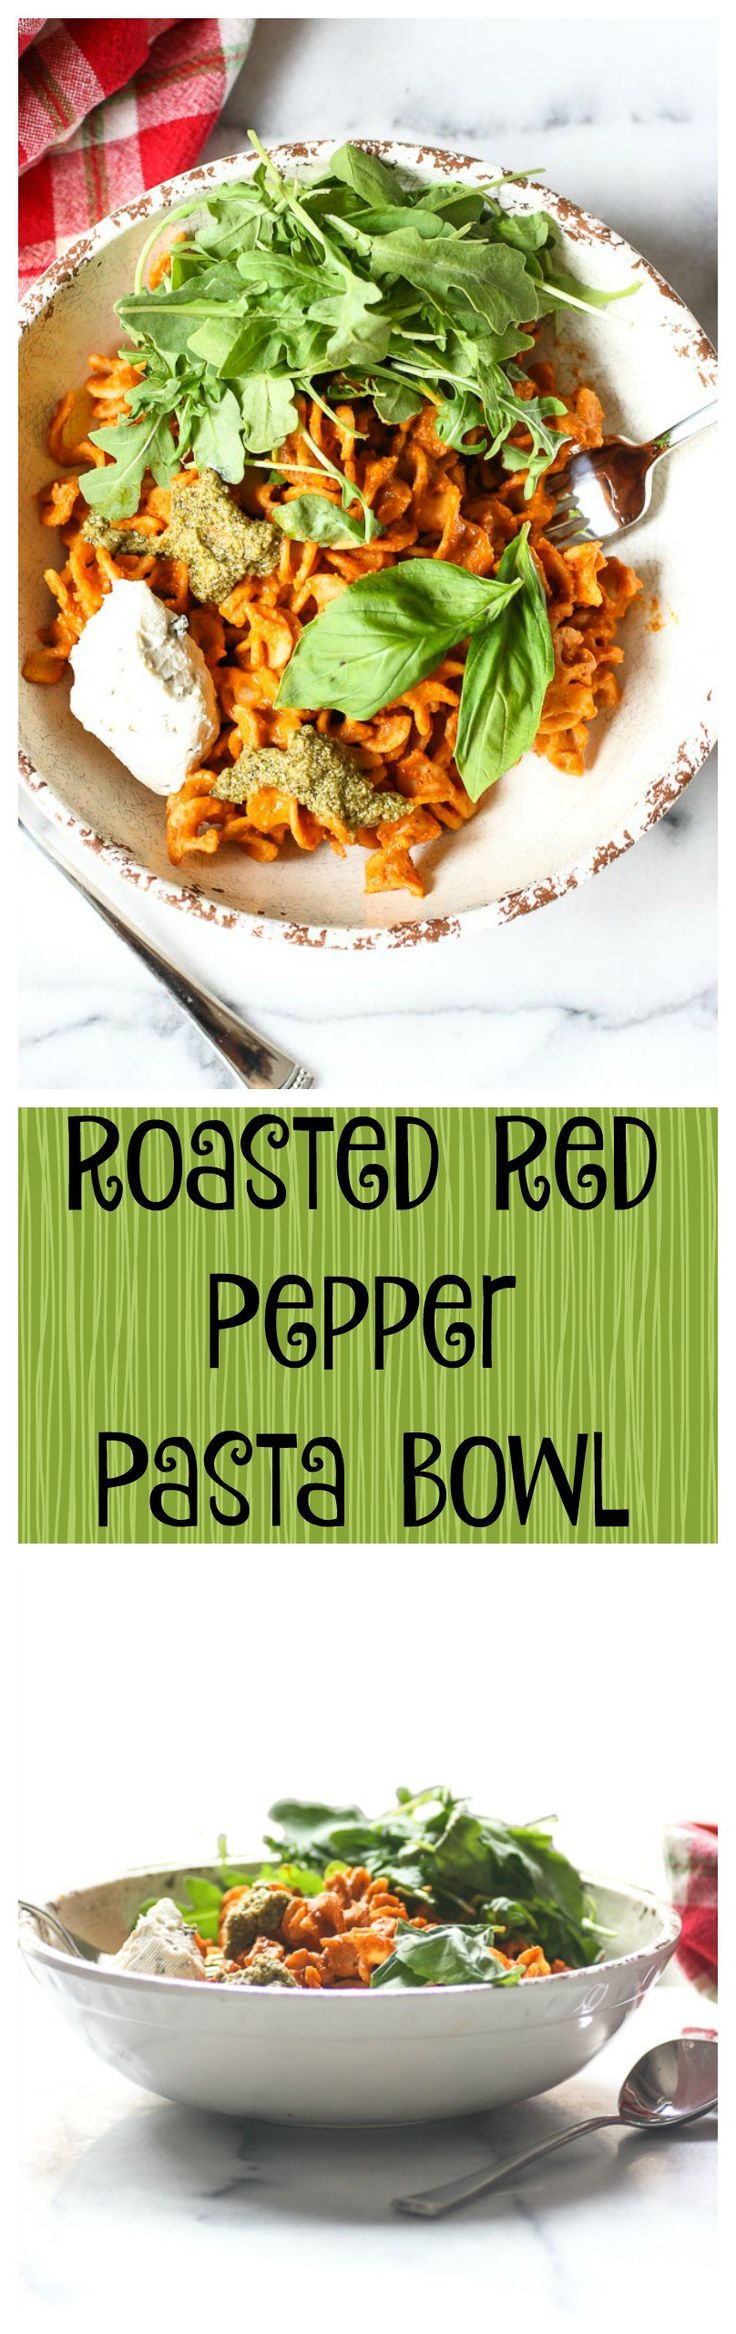 Mittagessen rezepte pasta rezepte vegane rezepte gesund essen gesunde lebensweise italienische pasta geröstete paprika jugend whole30